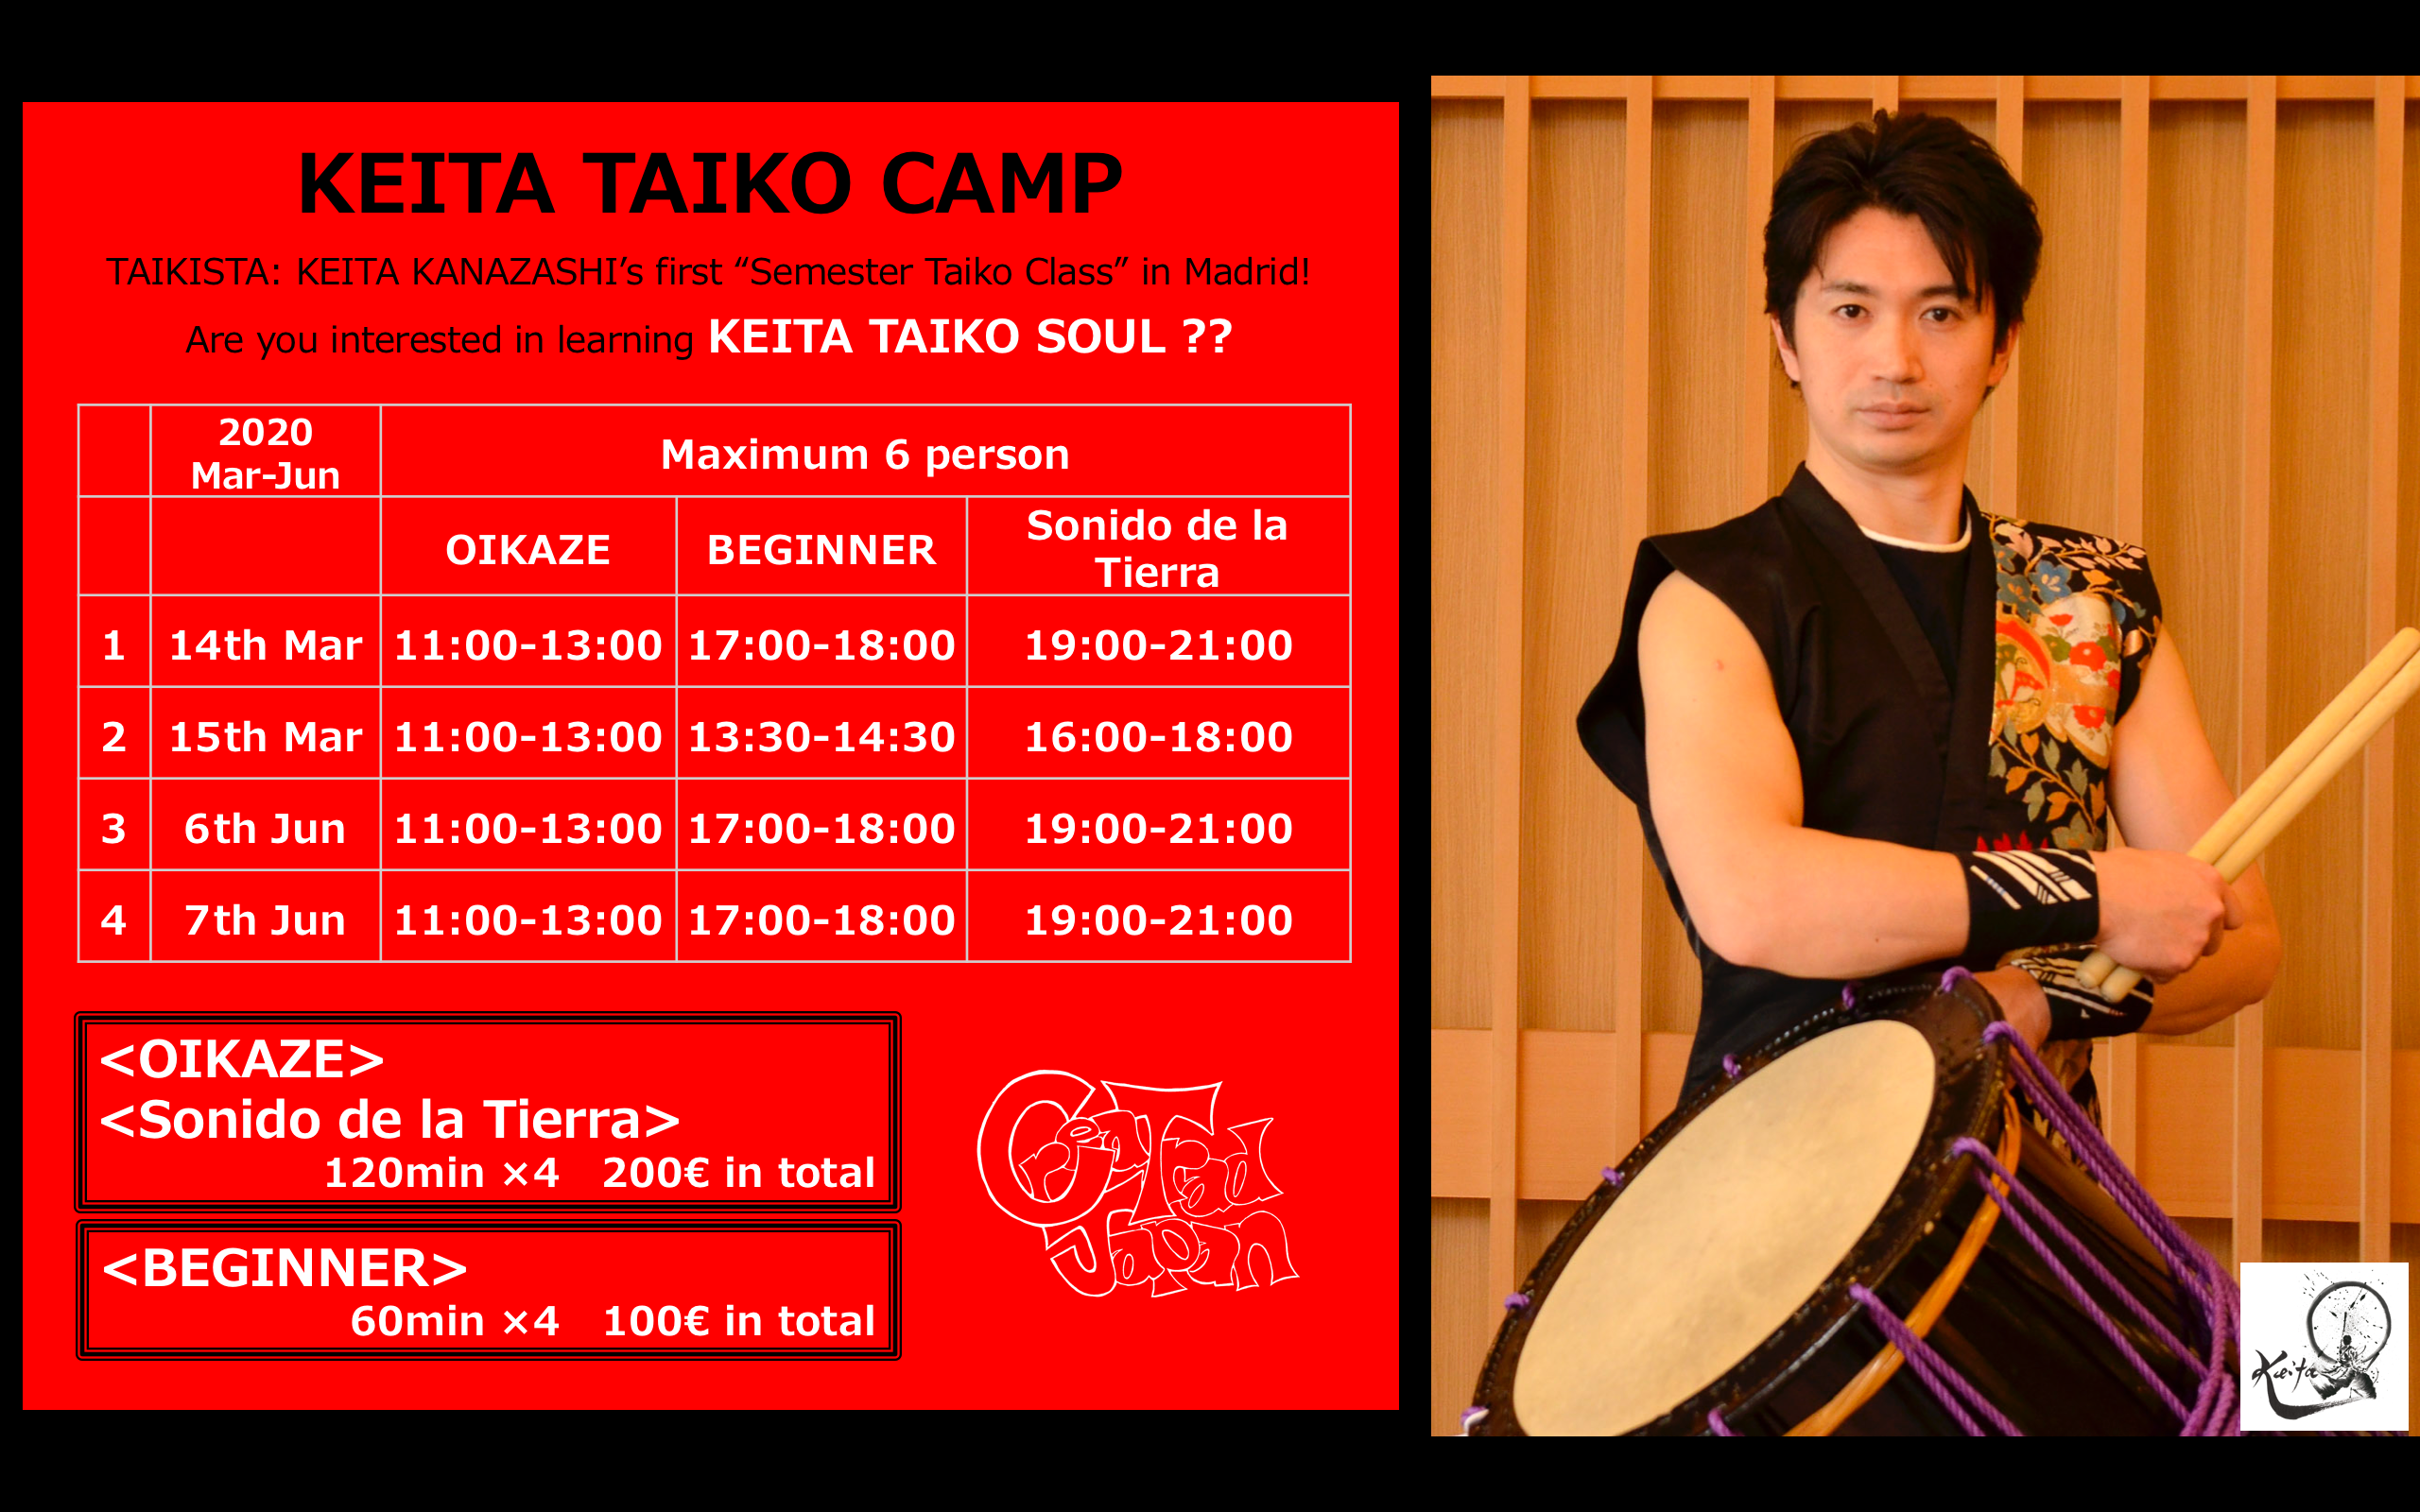 KEITA TAIKO CAMP 1